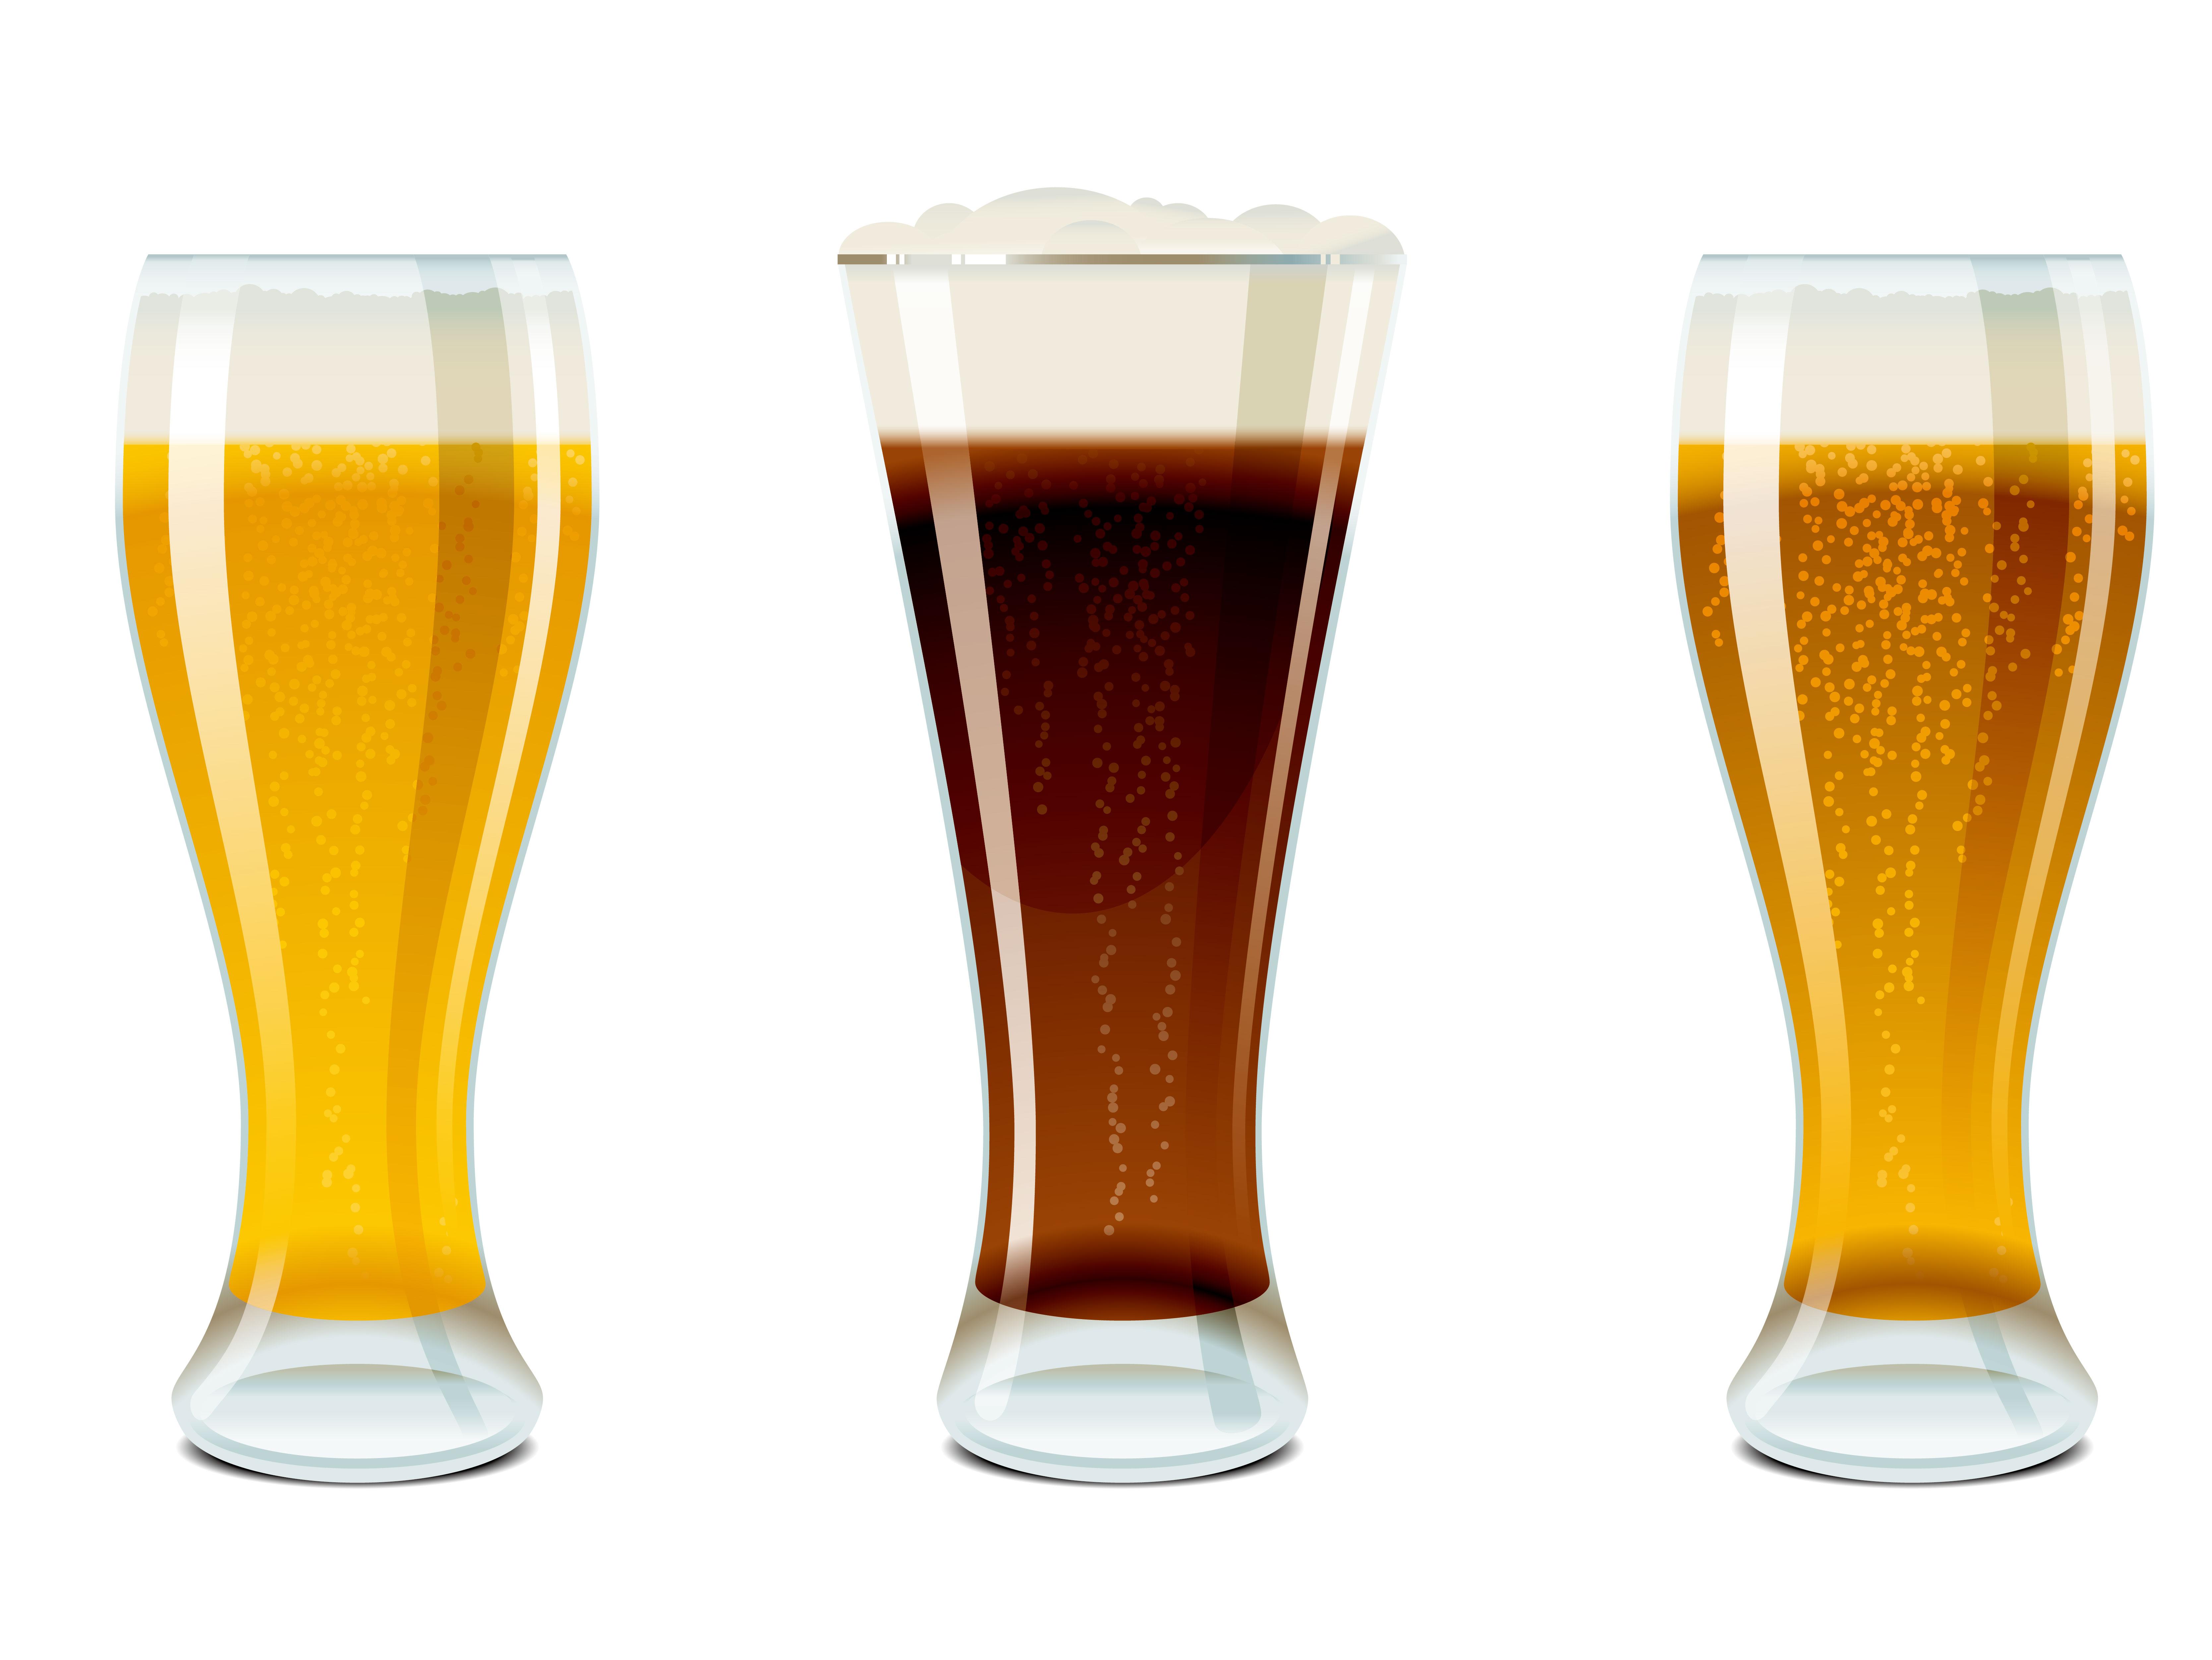 生活習慣を変えないでビールを飲みまくりの結果、痛風が悪化